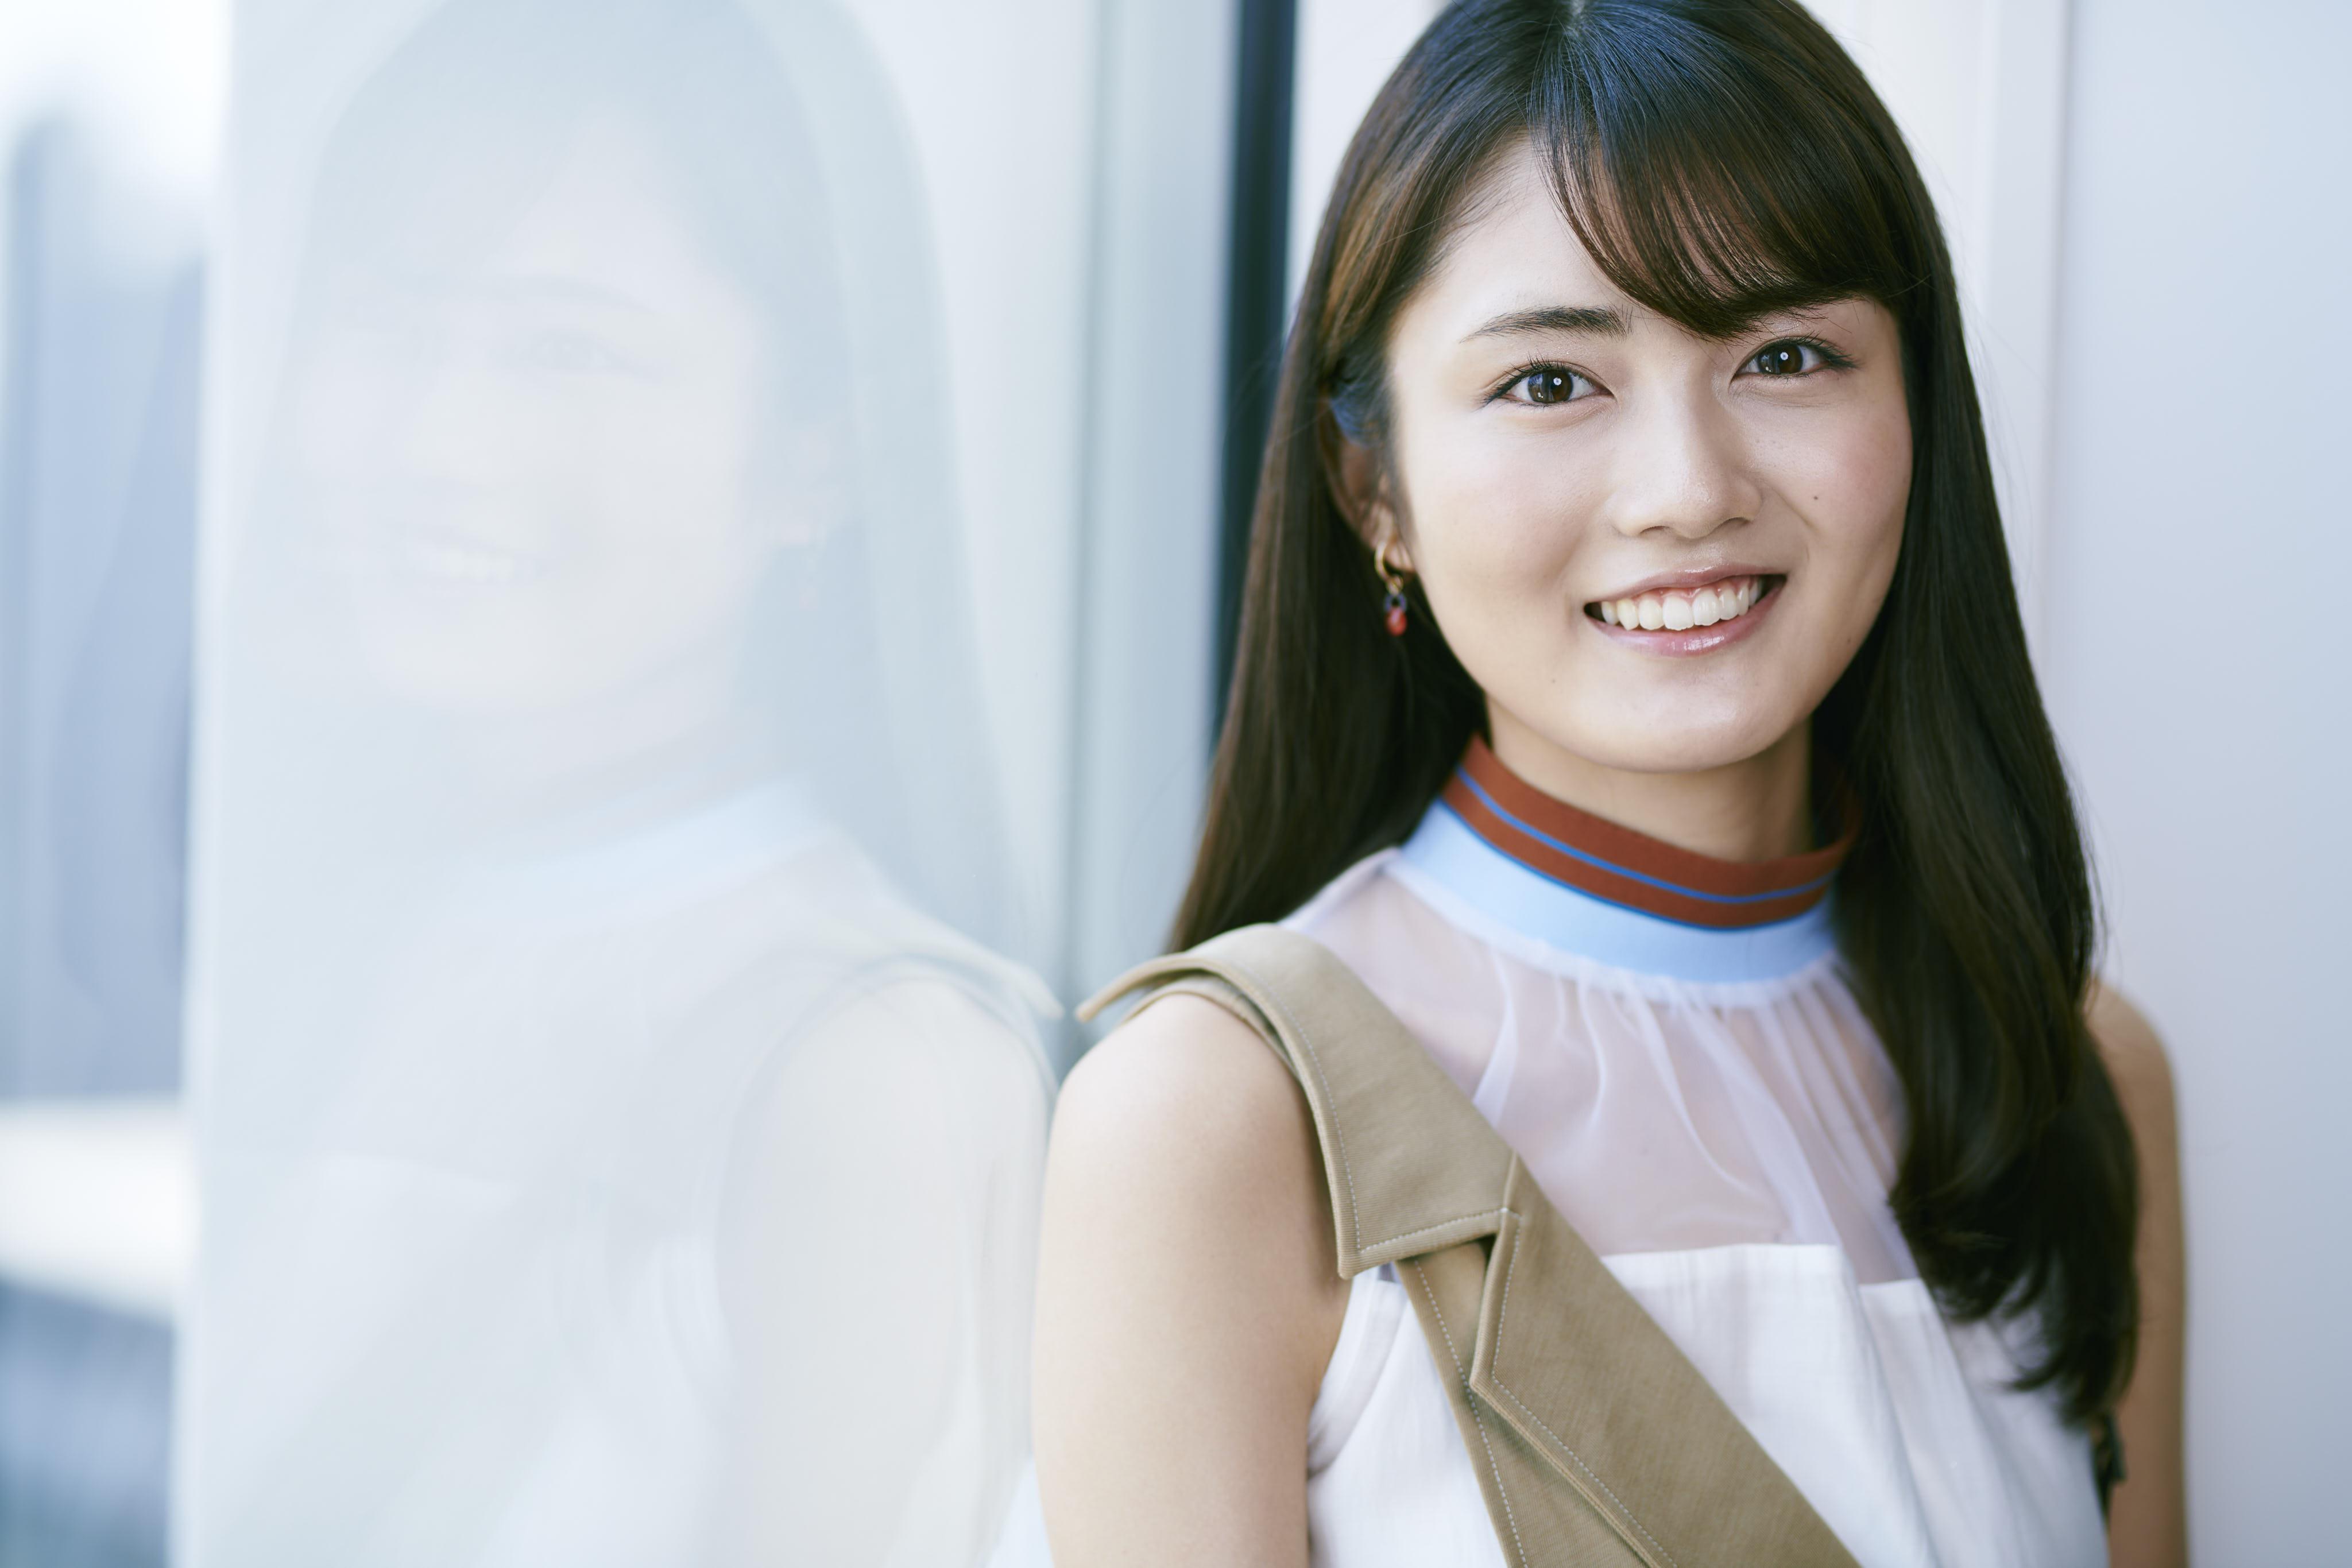 【水谷果穂インタビュー】1stアルバム『深呼吸』8/28リリースへの想い